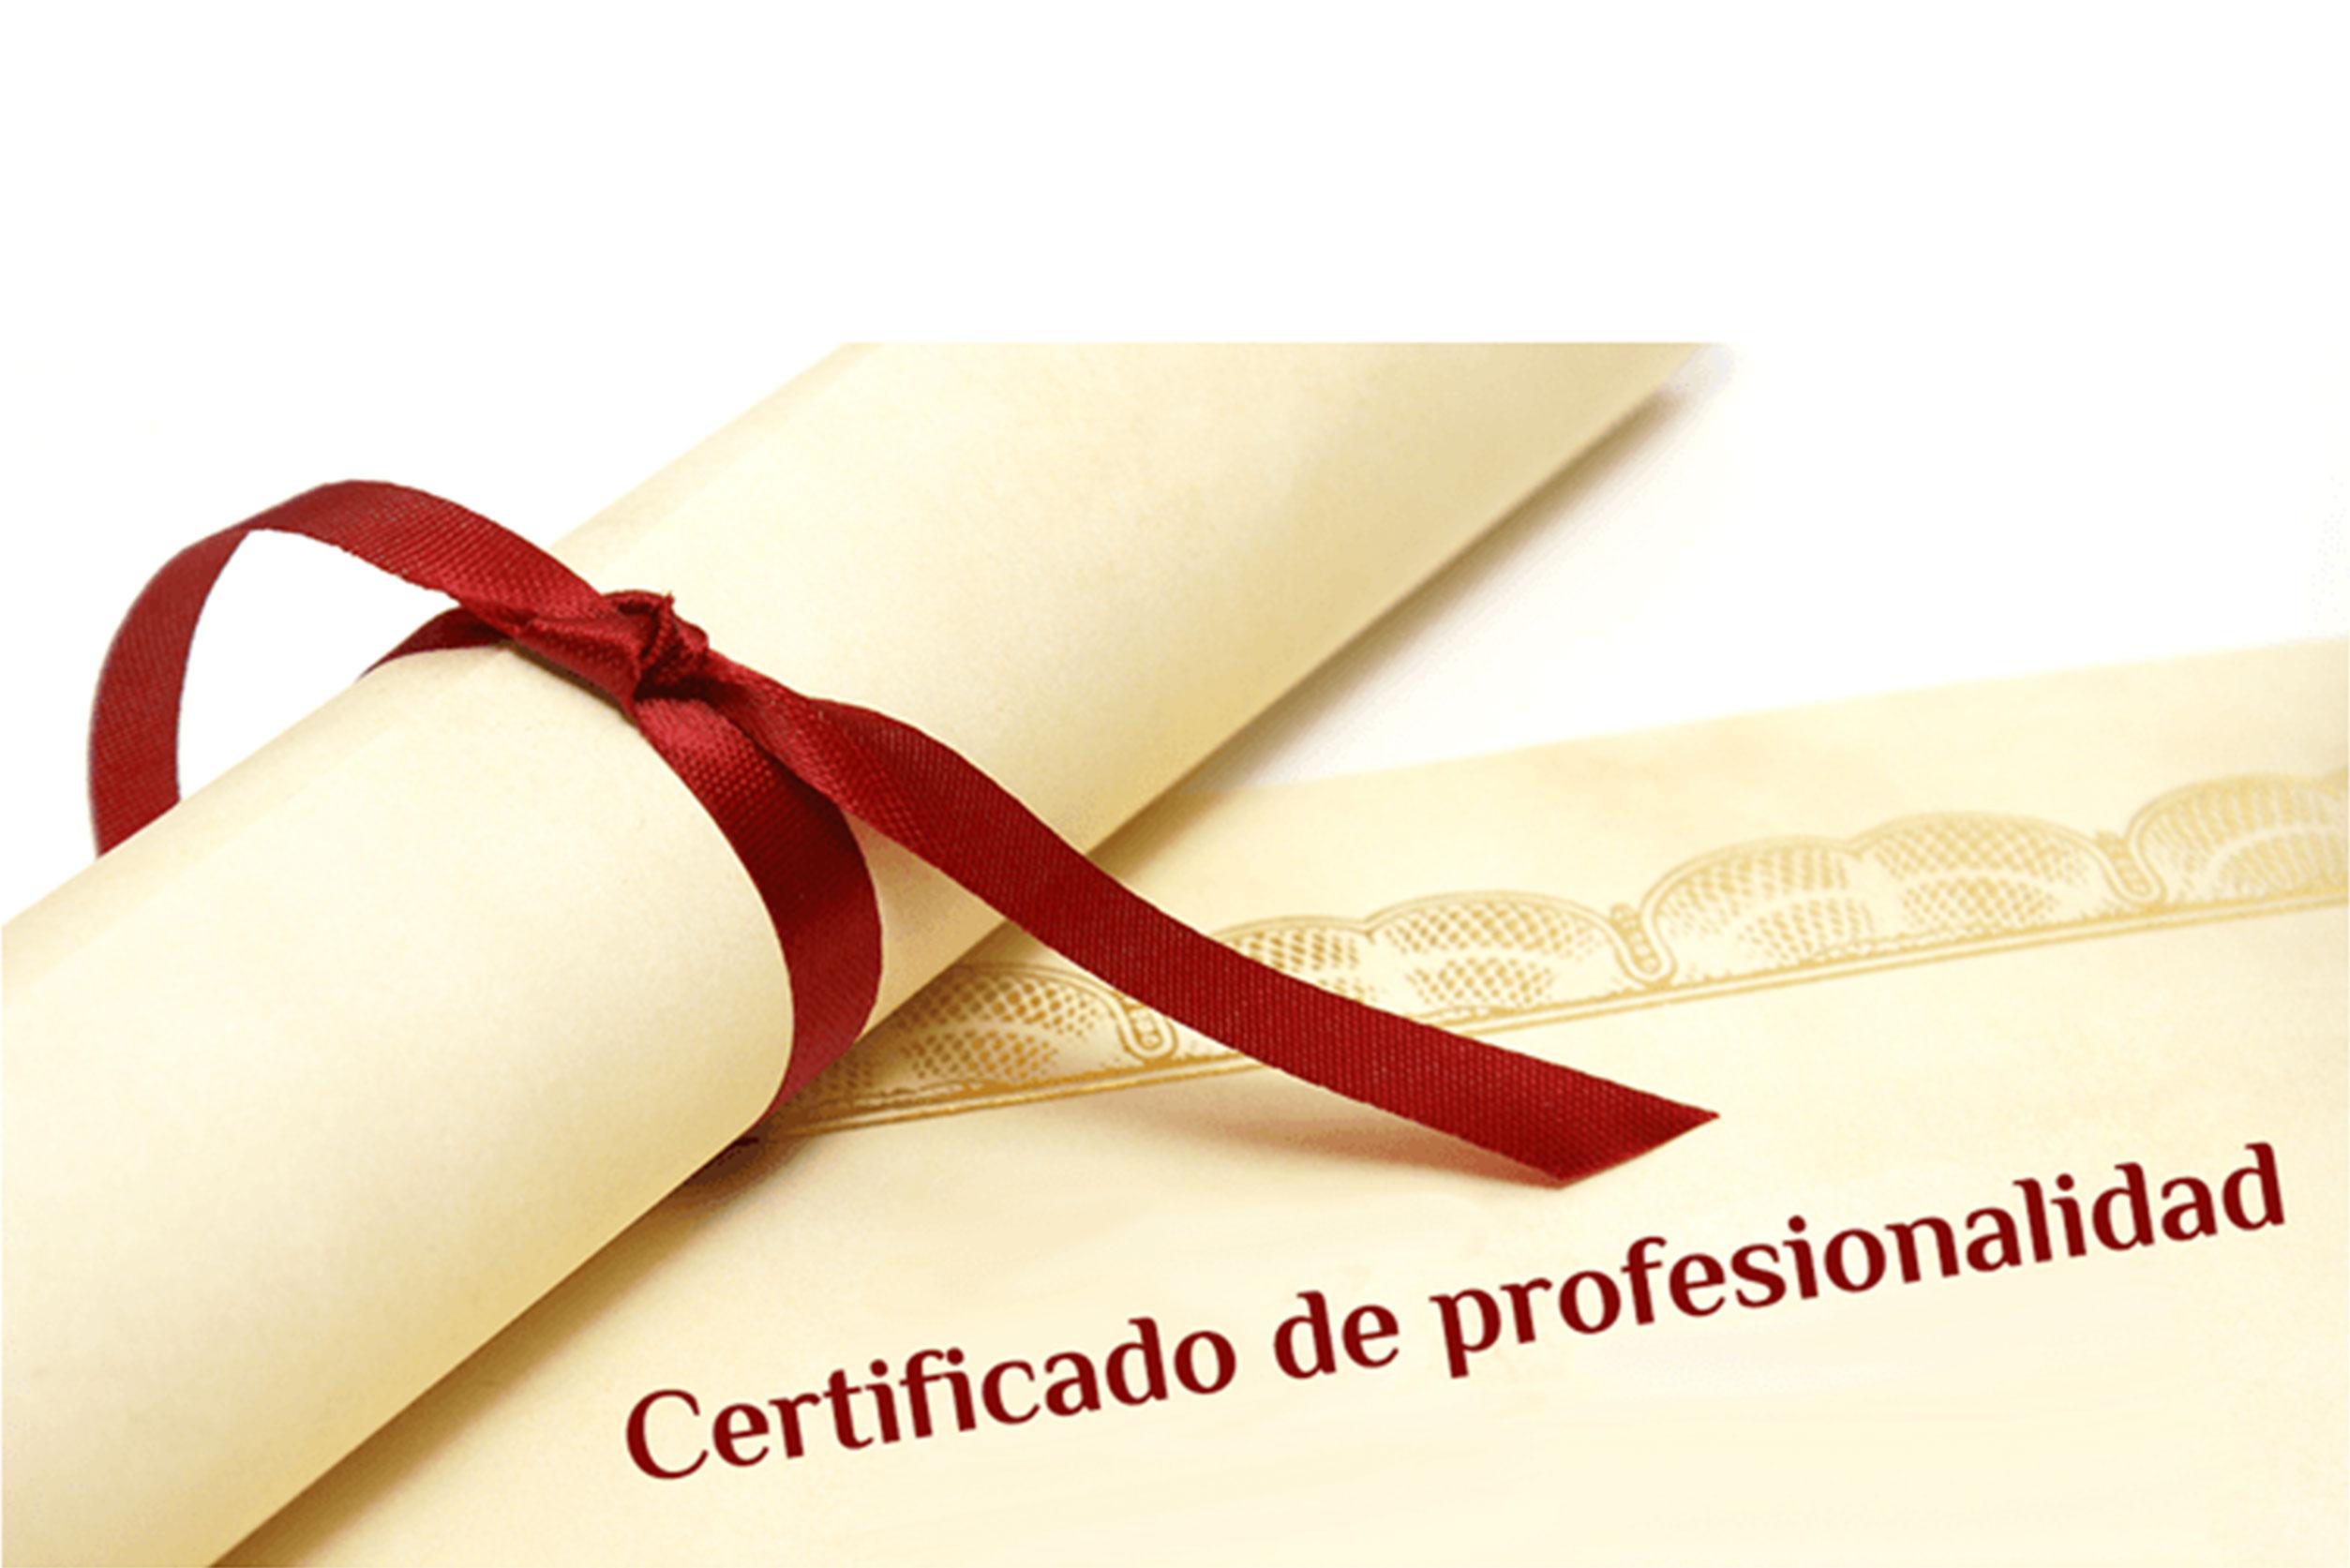 Cert. de Profesionalidad